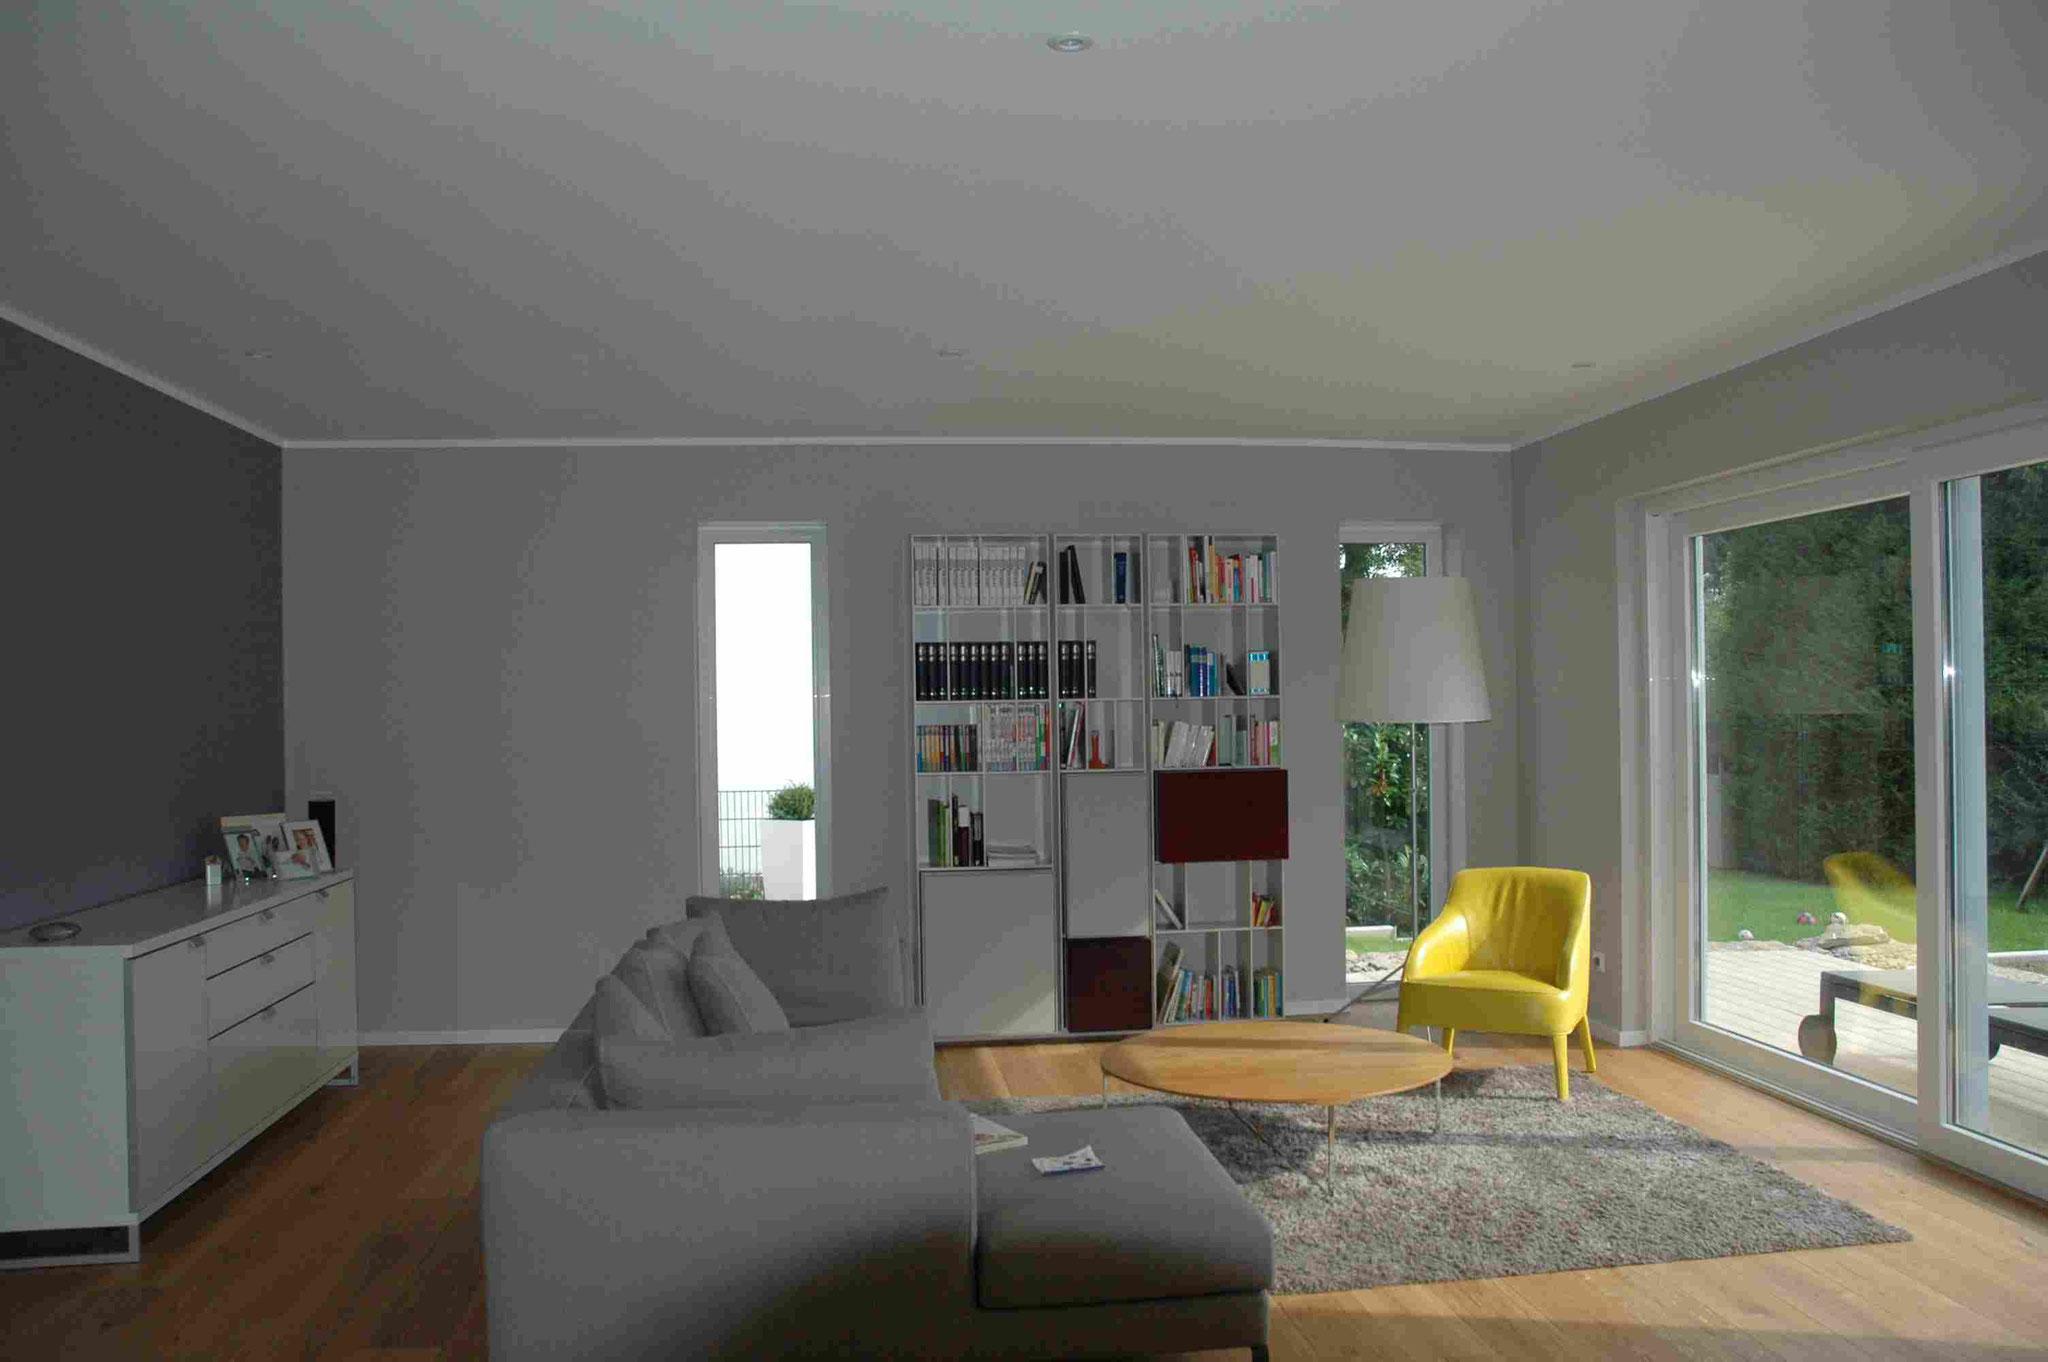 Einrichtungsplanung für ein neues Wohnhauses - heydens ...